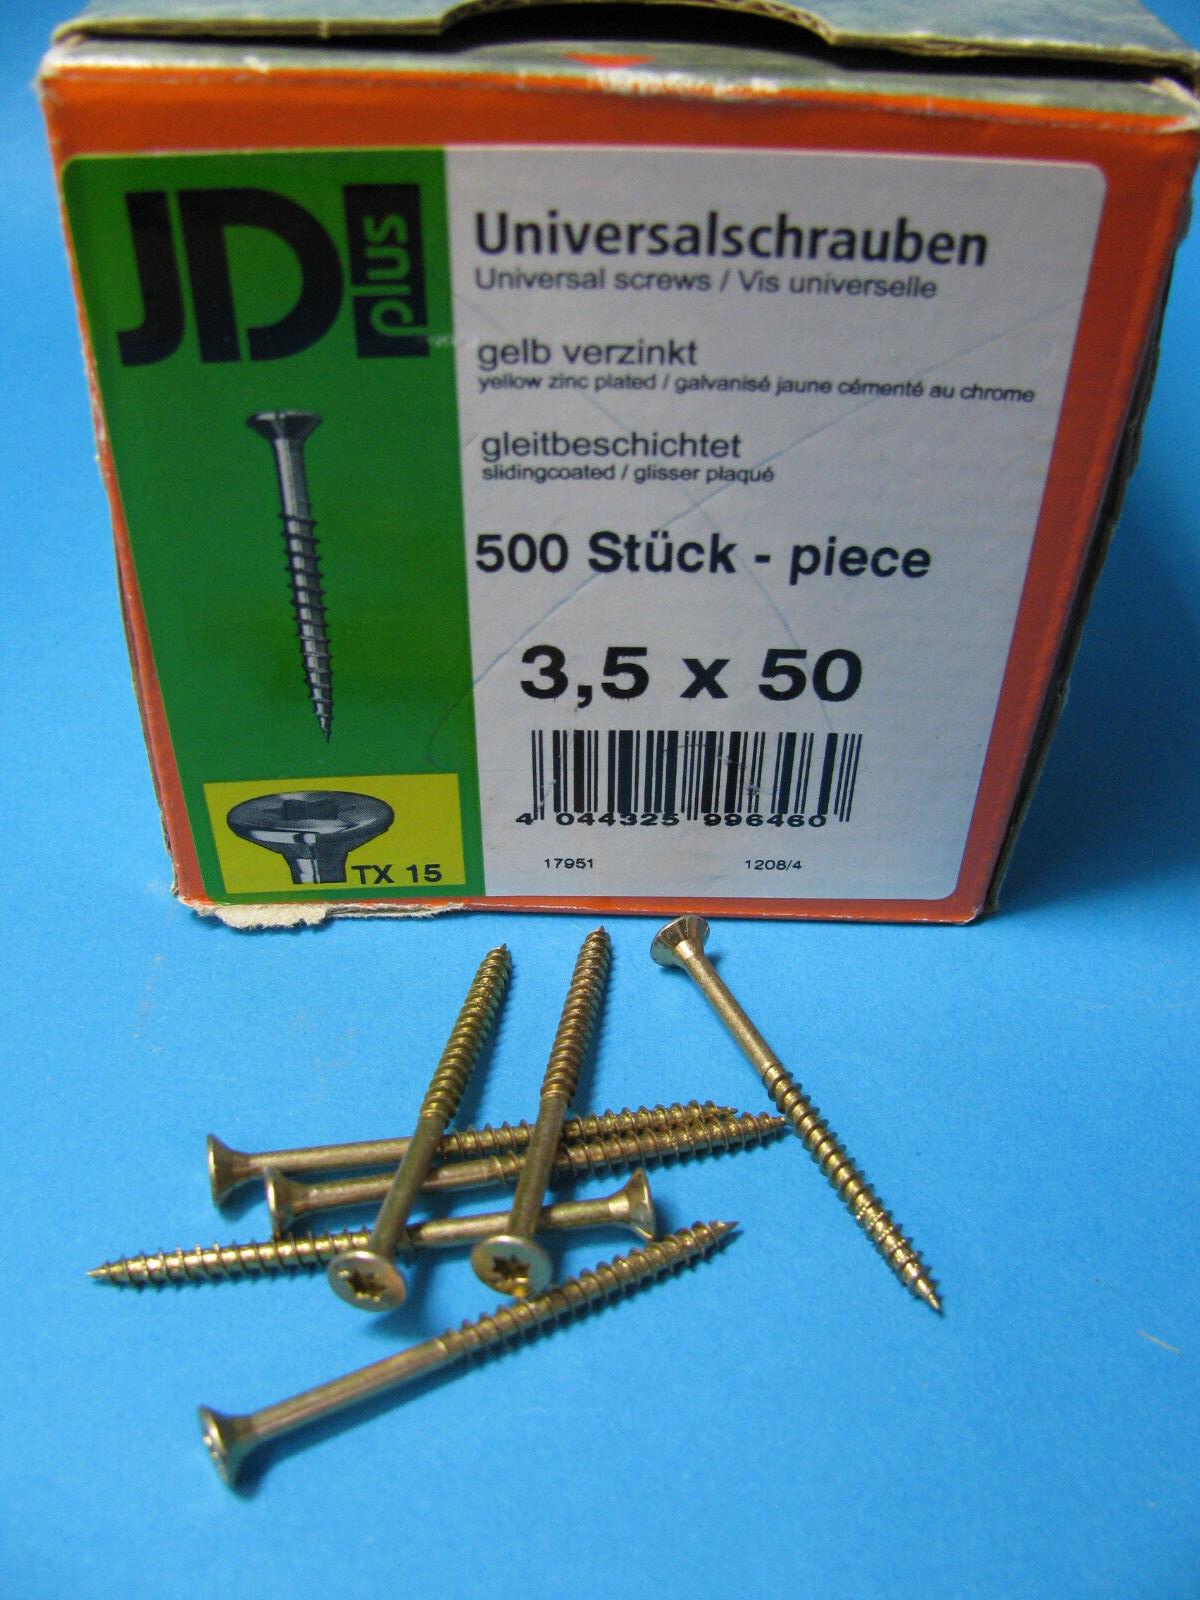 JD Plus Universalschraube Holzschraube gelb verzinkt Senkkopf mit I-Sern 3,5-6mm